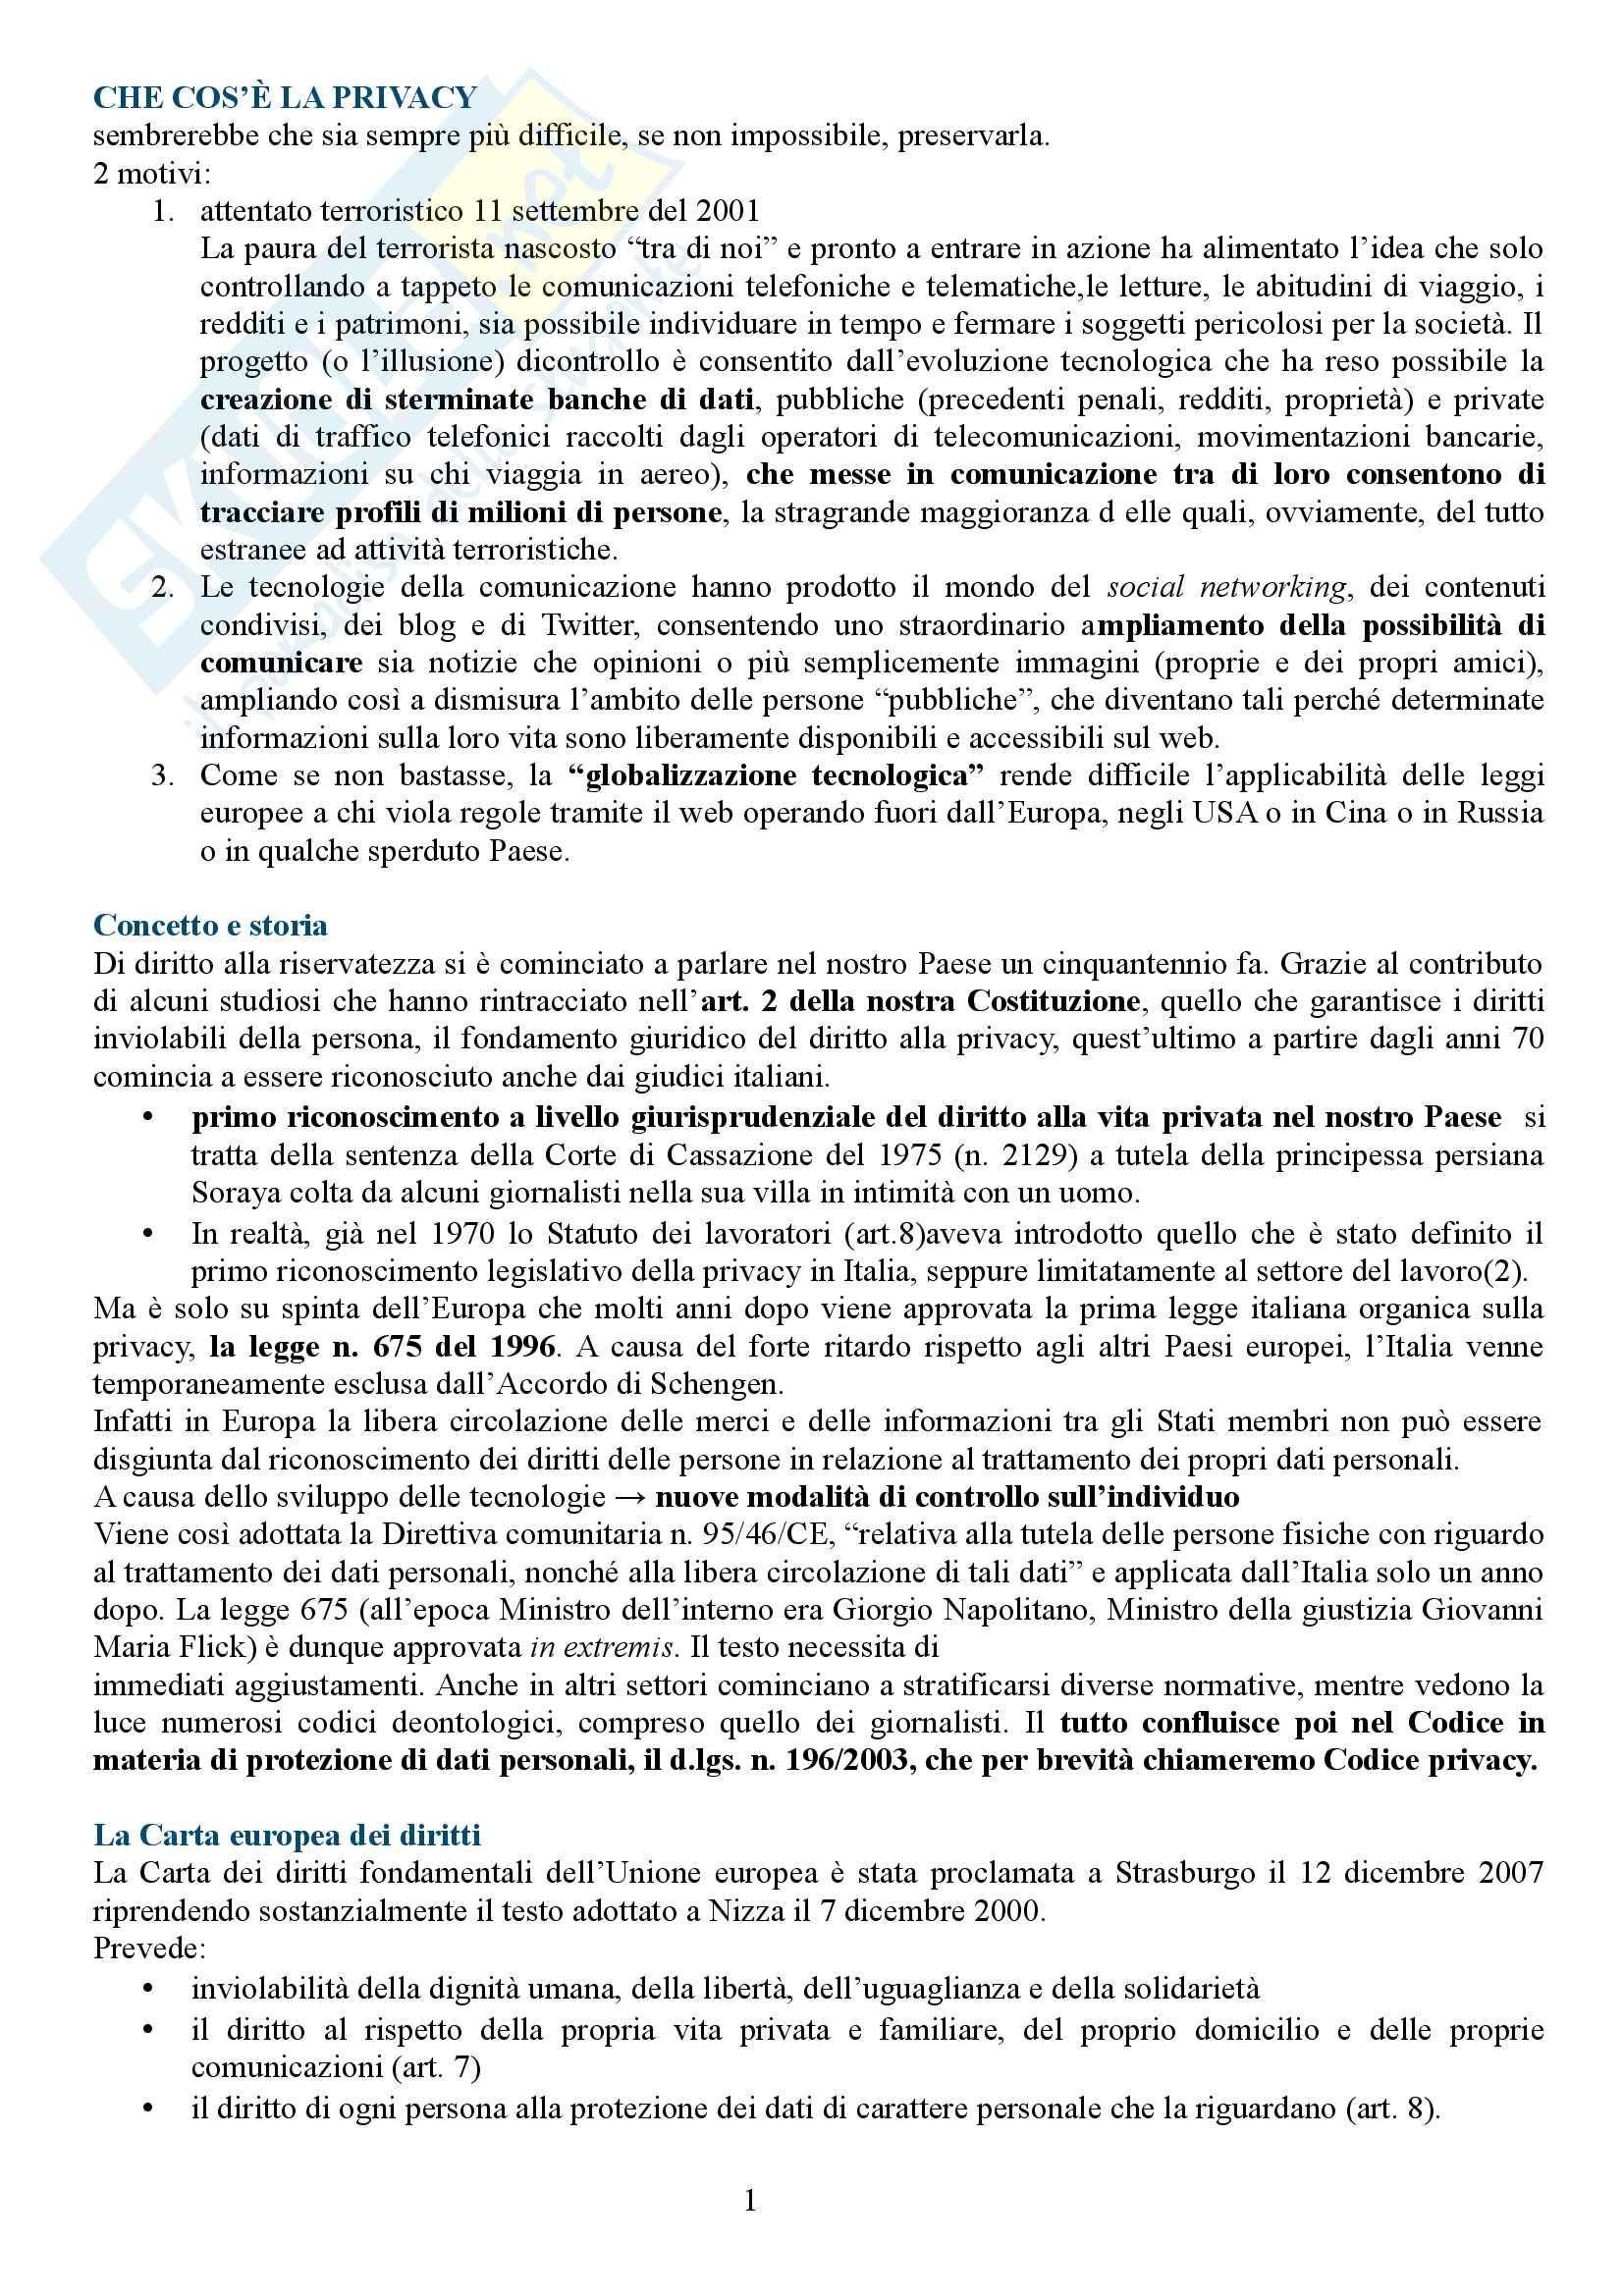 appunto C. Bartoli Linguaggio e comunicazione giornalistica